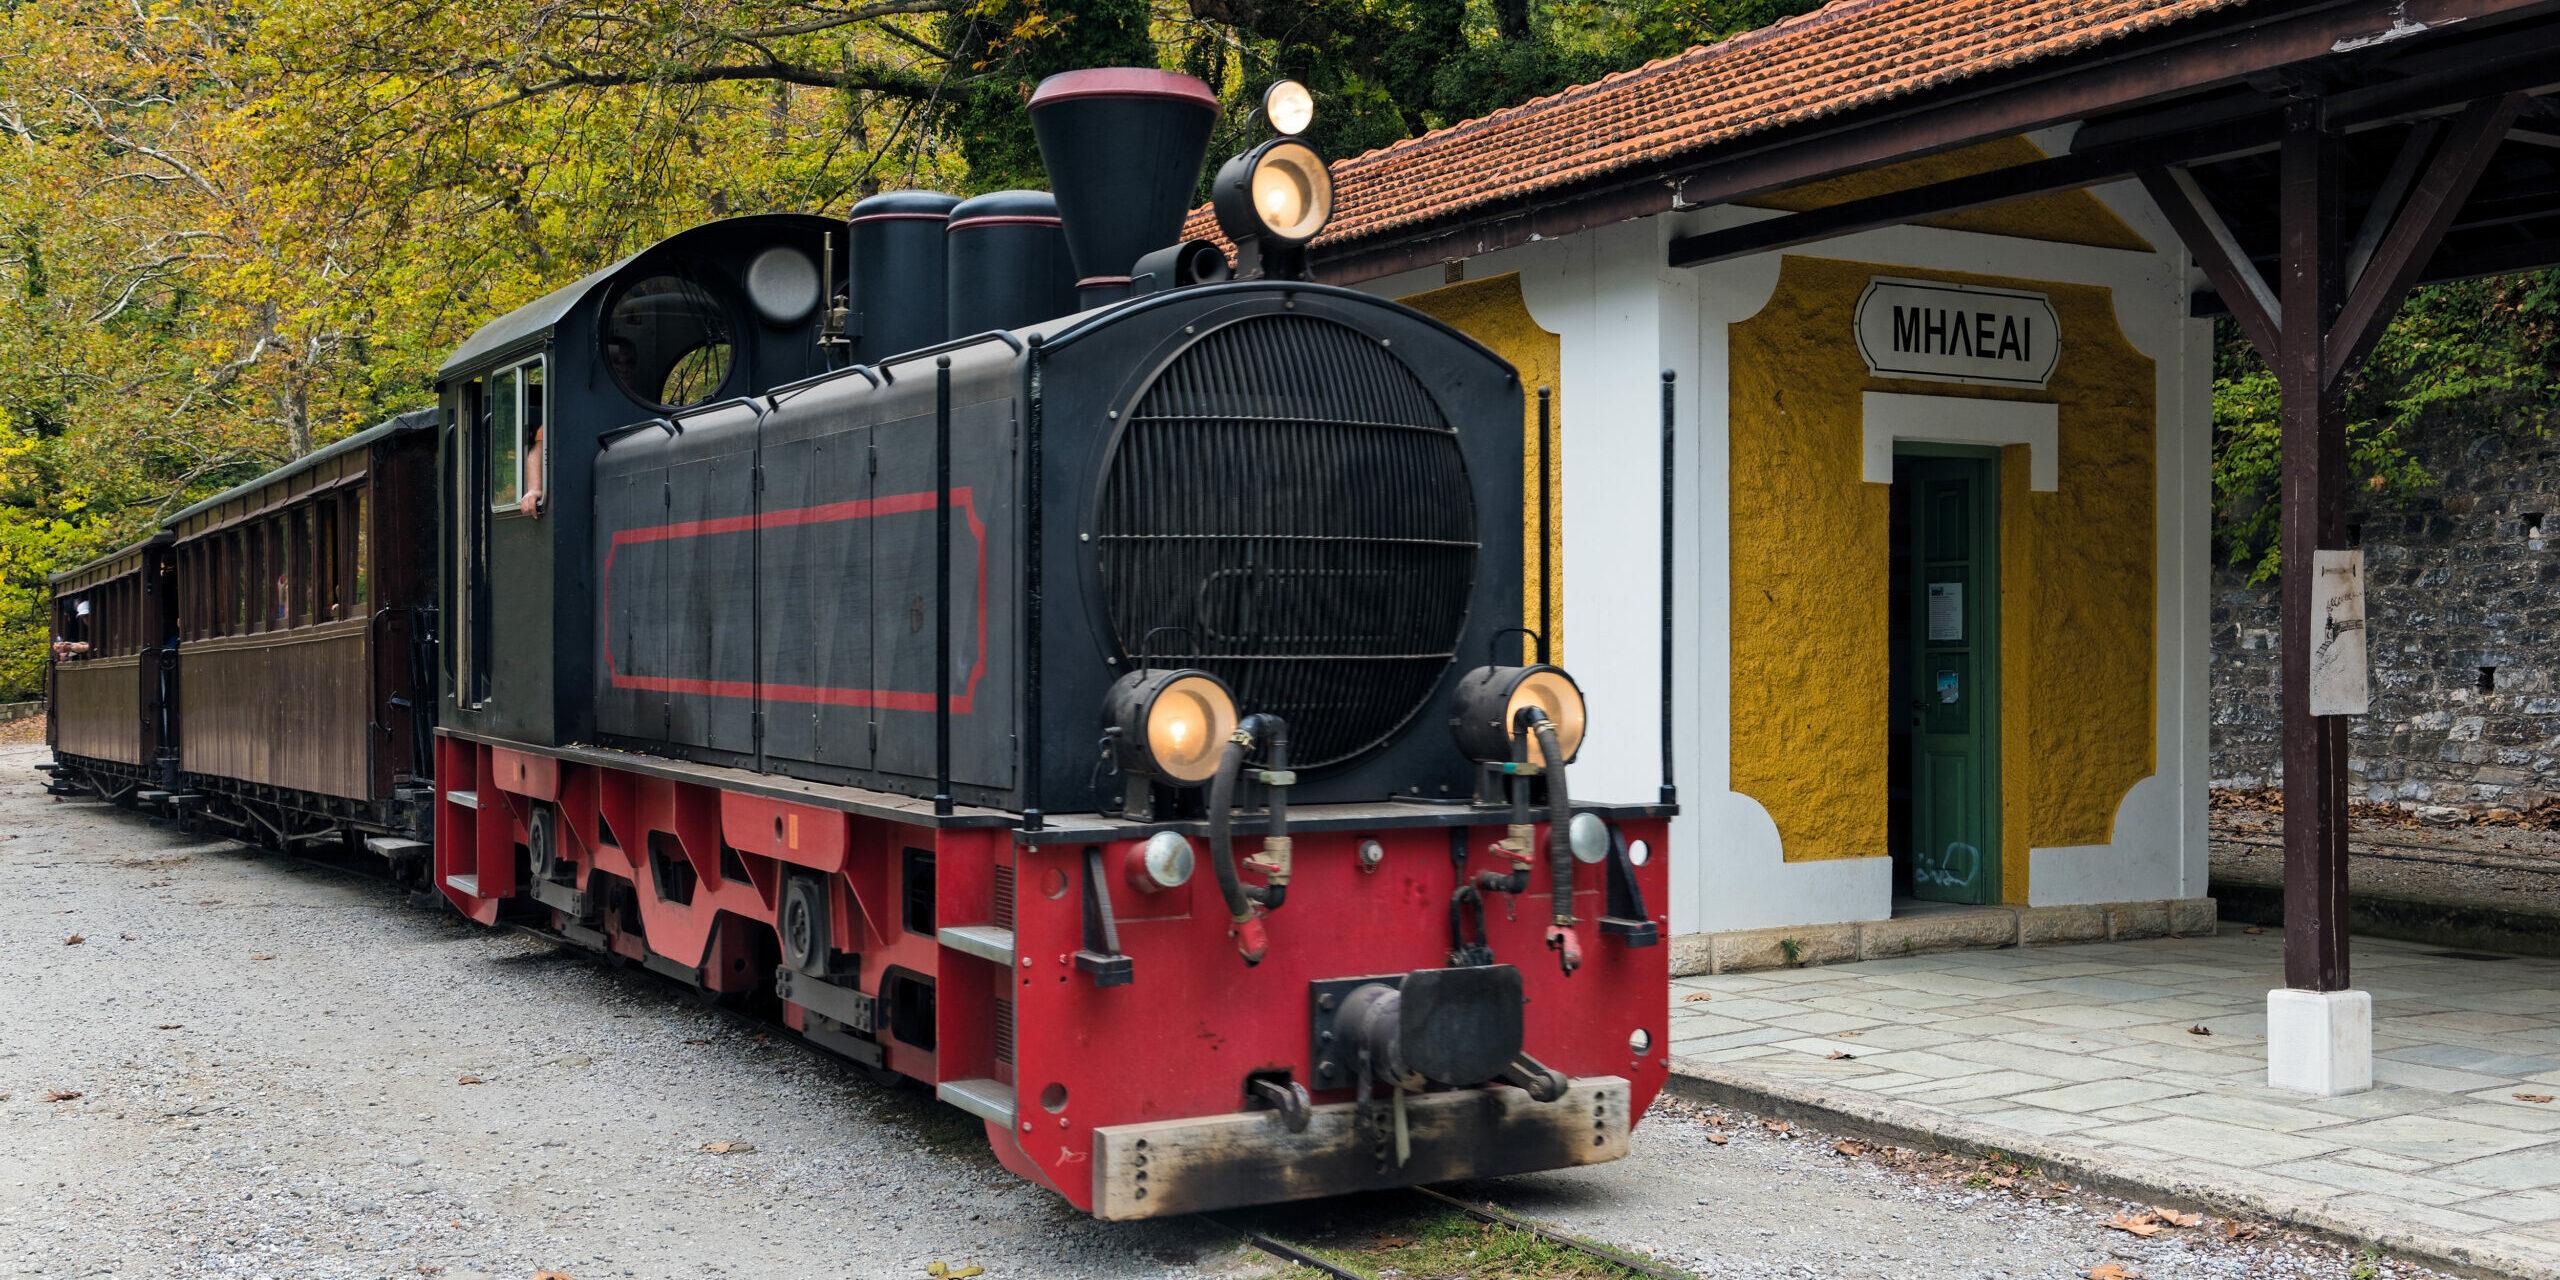 Pelion: The legendary train, a historic route